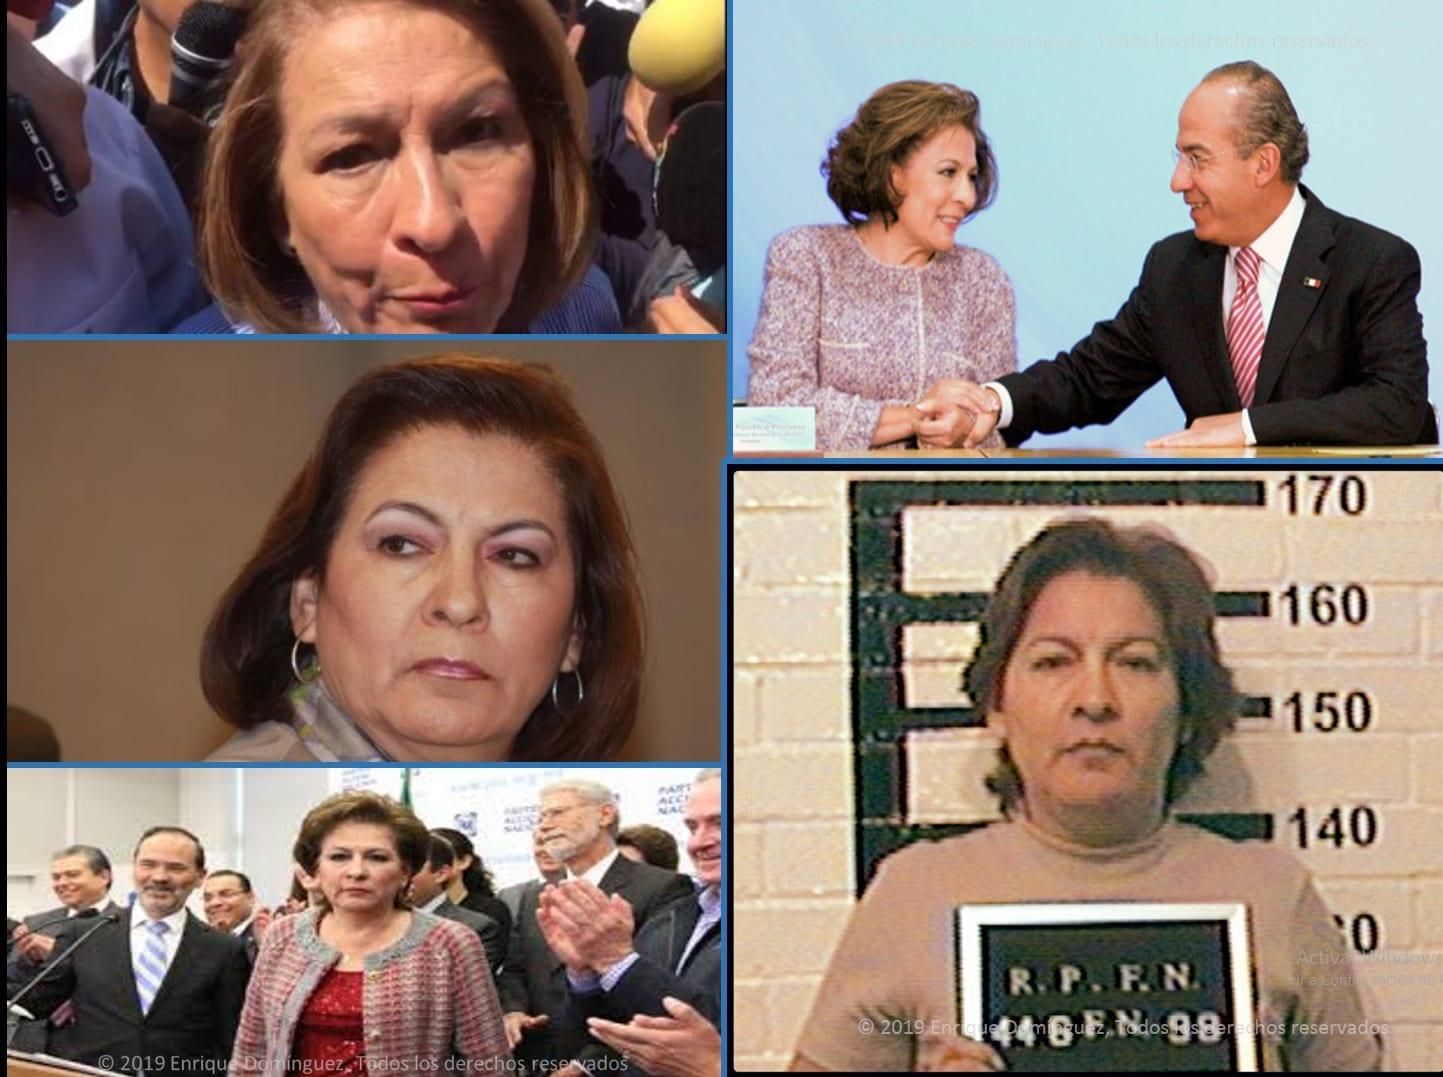 La bajeza moral de la Señora Wallace al amparo de un corrupto sistema  judicial | Columna de Enrique Domínguez